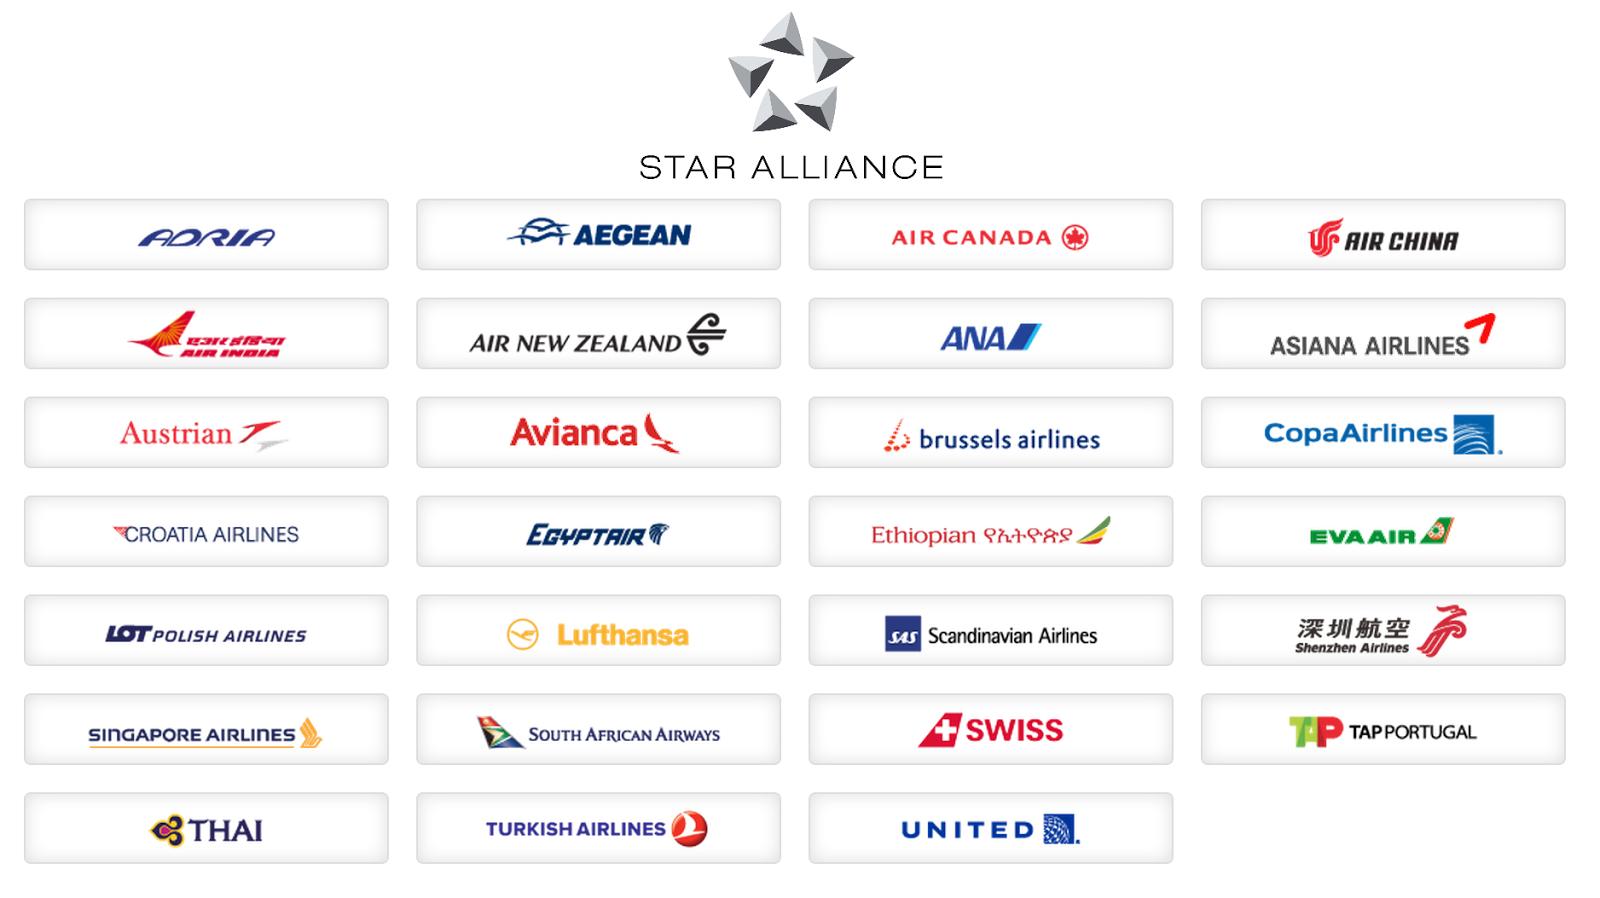 萊恩的生活日誌: 哩程兌換實戰教學(二):星空聯盟(Star Alliance)哩程票查詢工具簡介